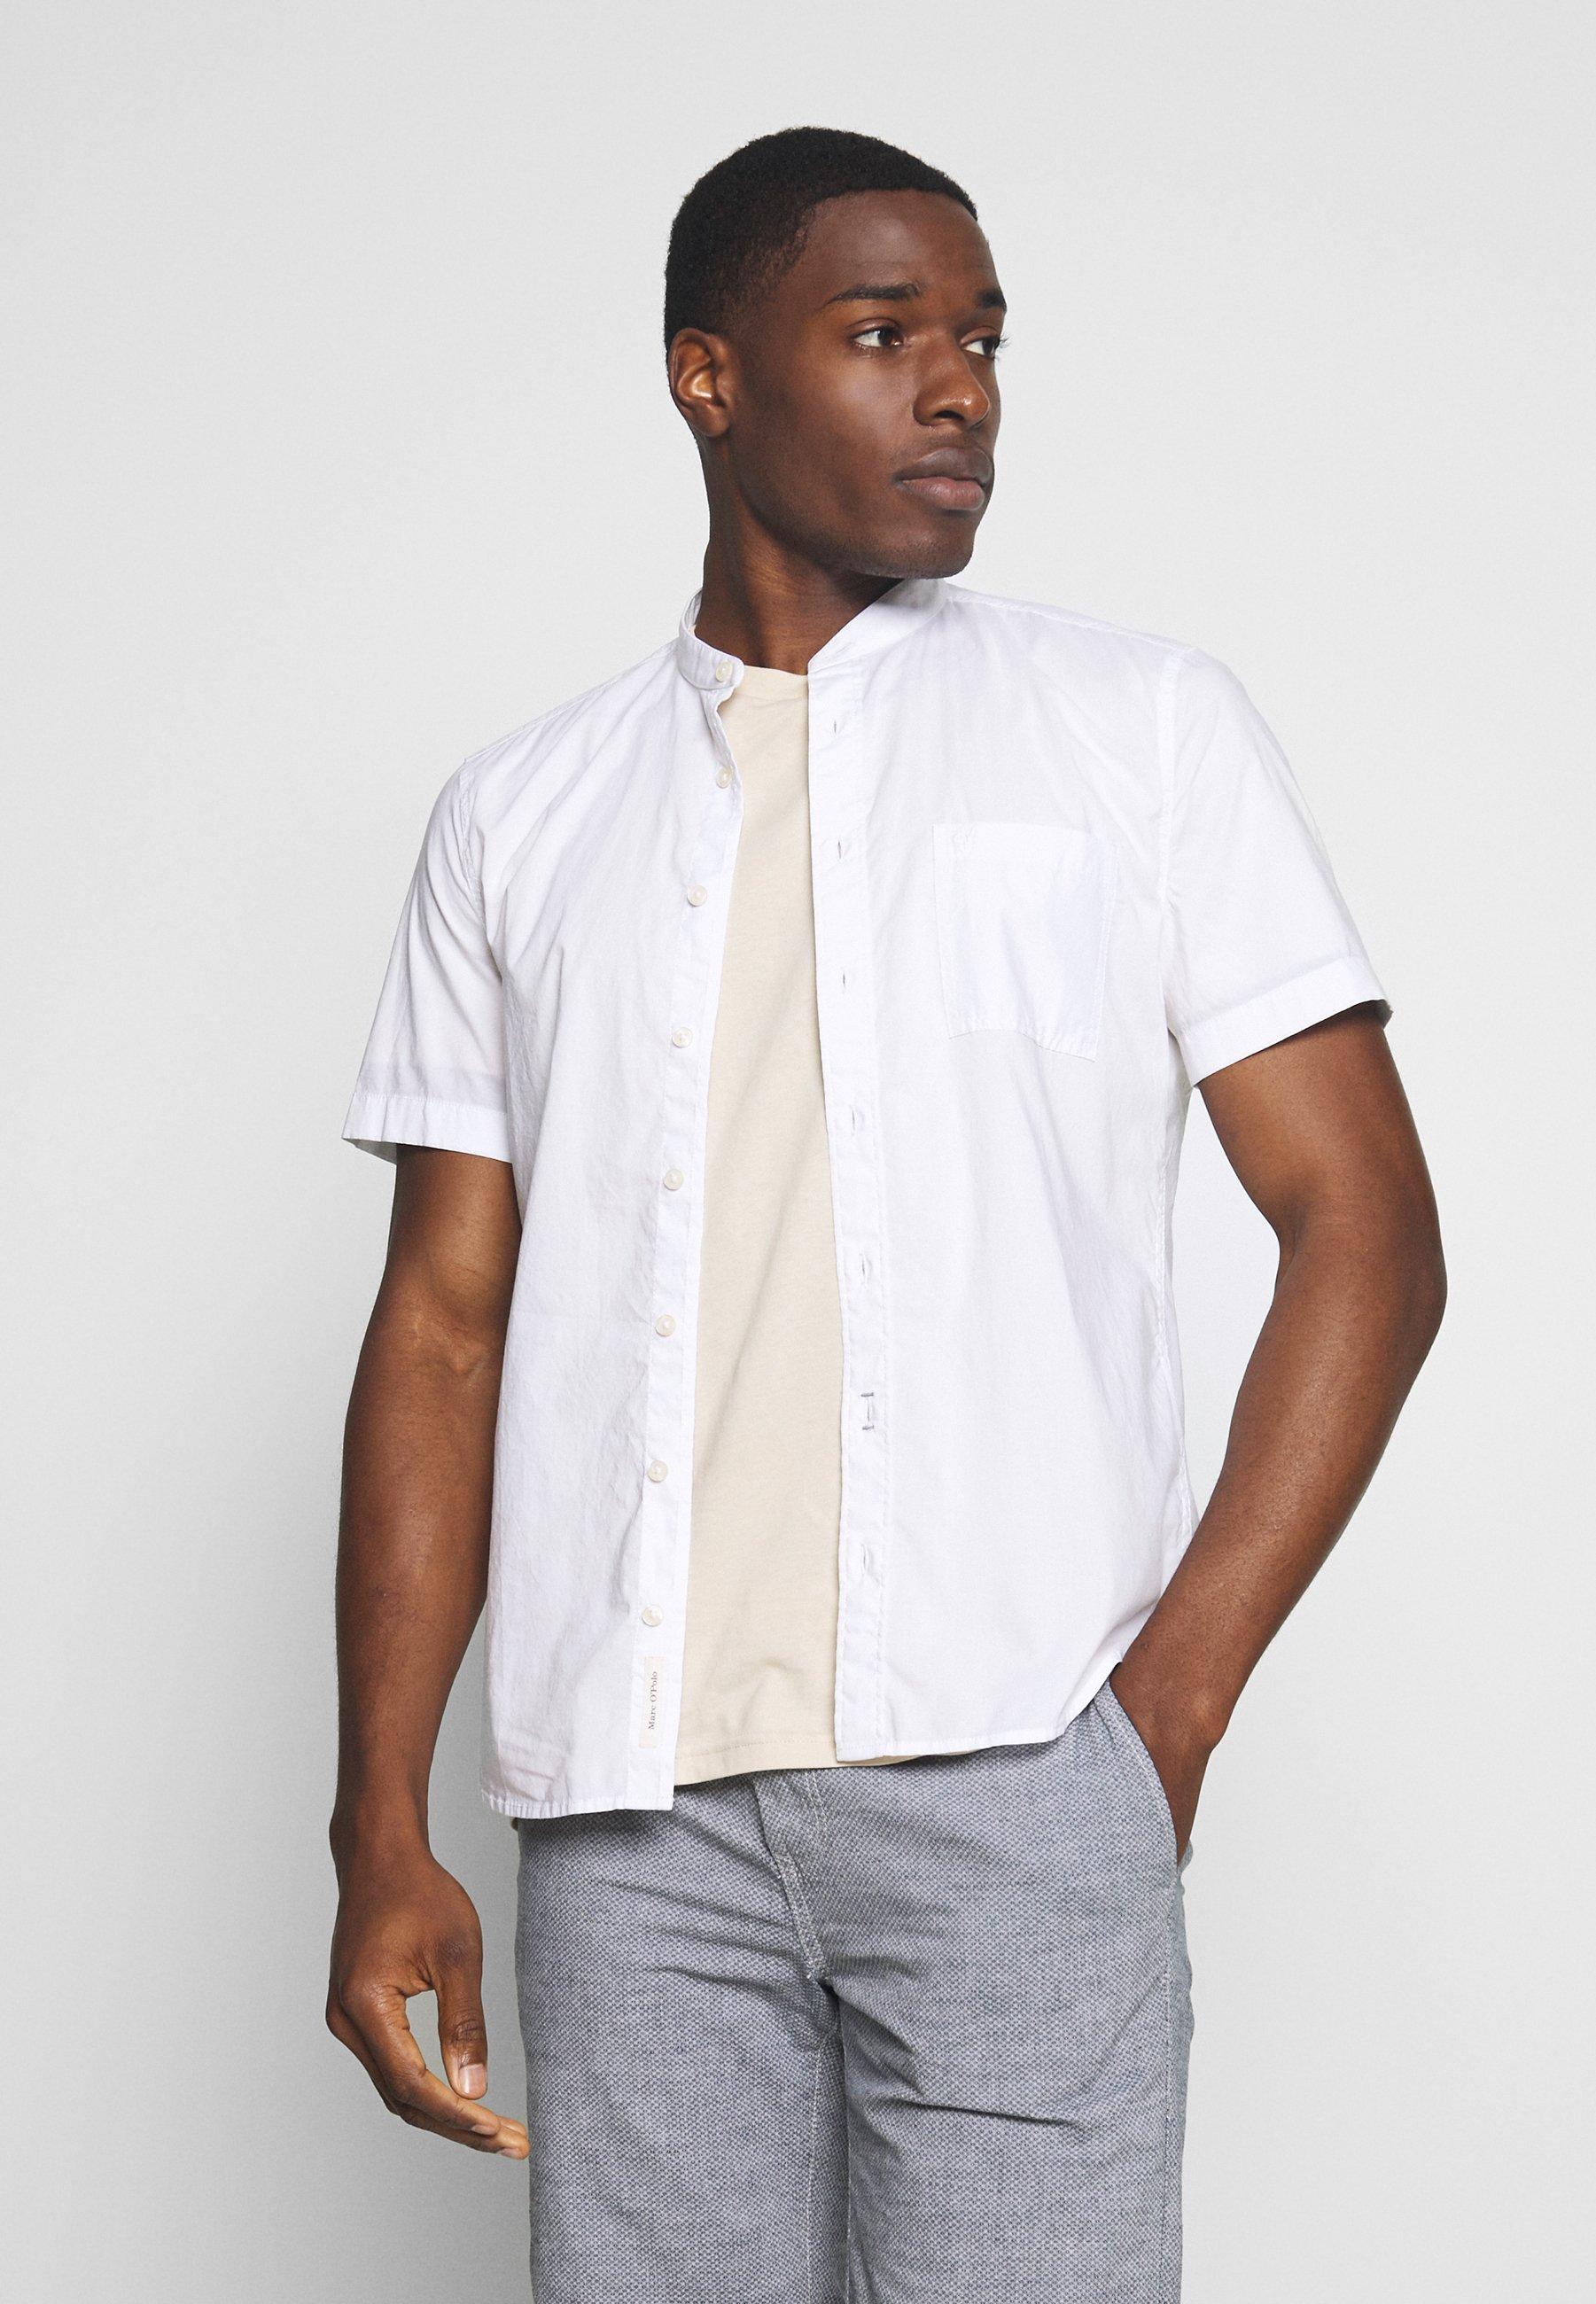 Best Price Men's Clothing Marc O'Polo Shirt white 0vCM7lnn1